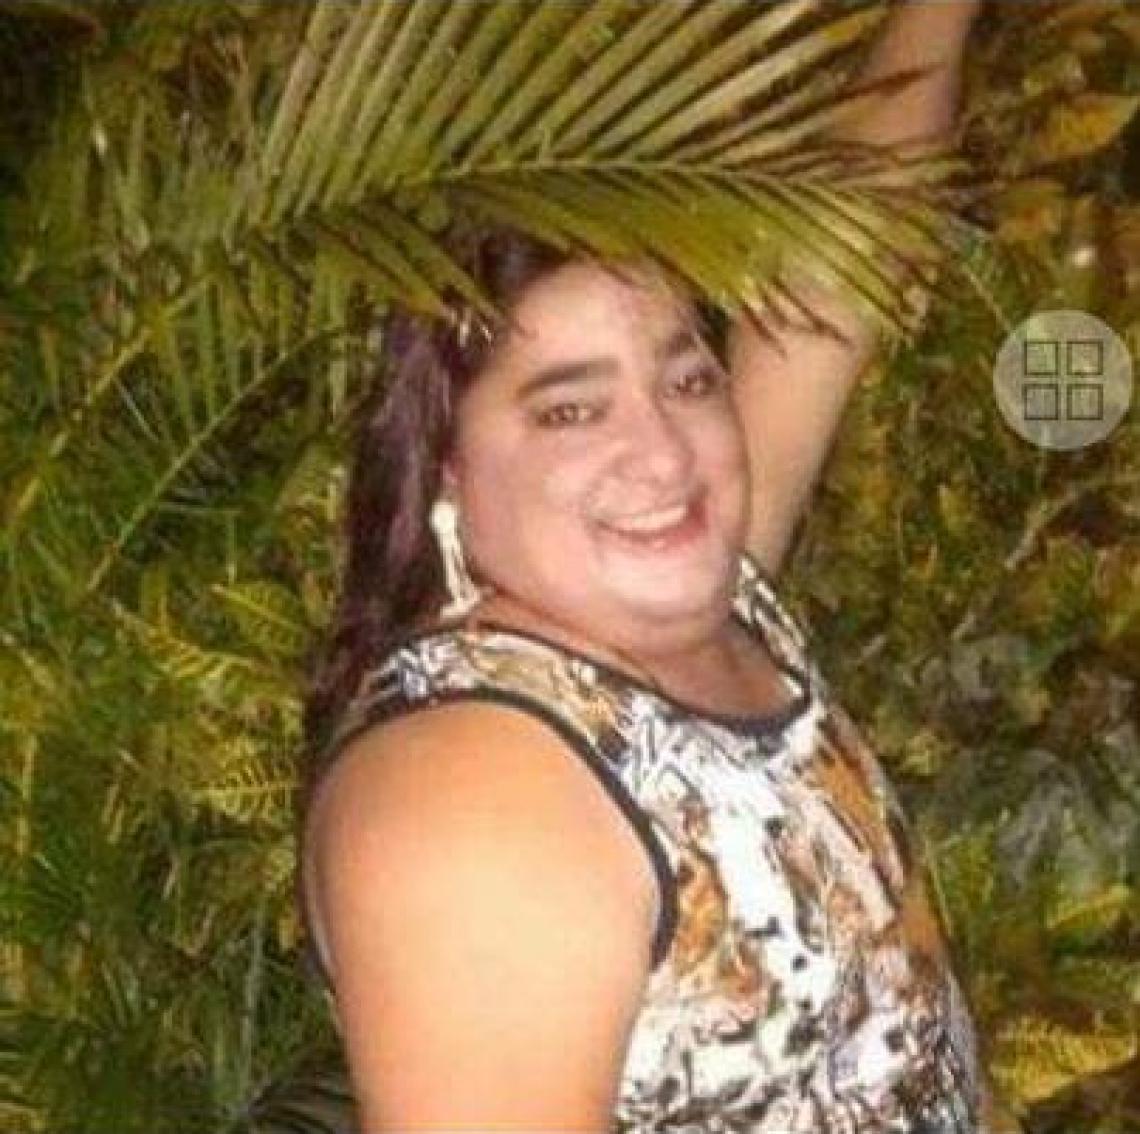 A vítima foi identificada como Ana Patricio de Lima, sem idade confirmada pela Delegacia Metropolitana da região (Foto: Whatsapp/O POVO)